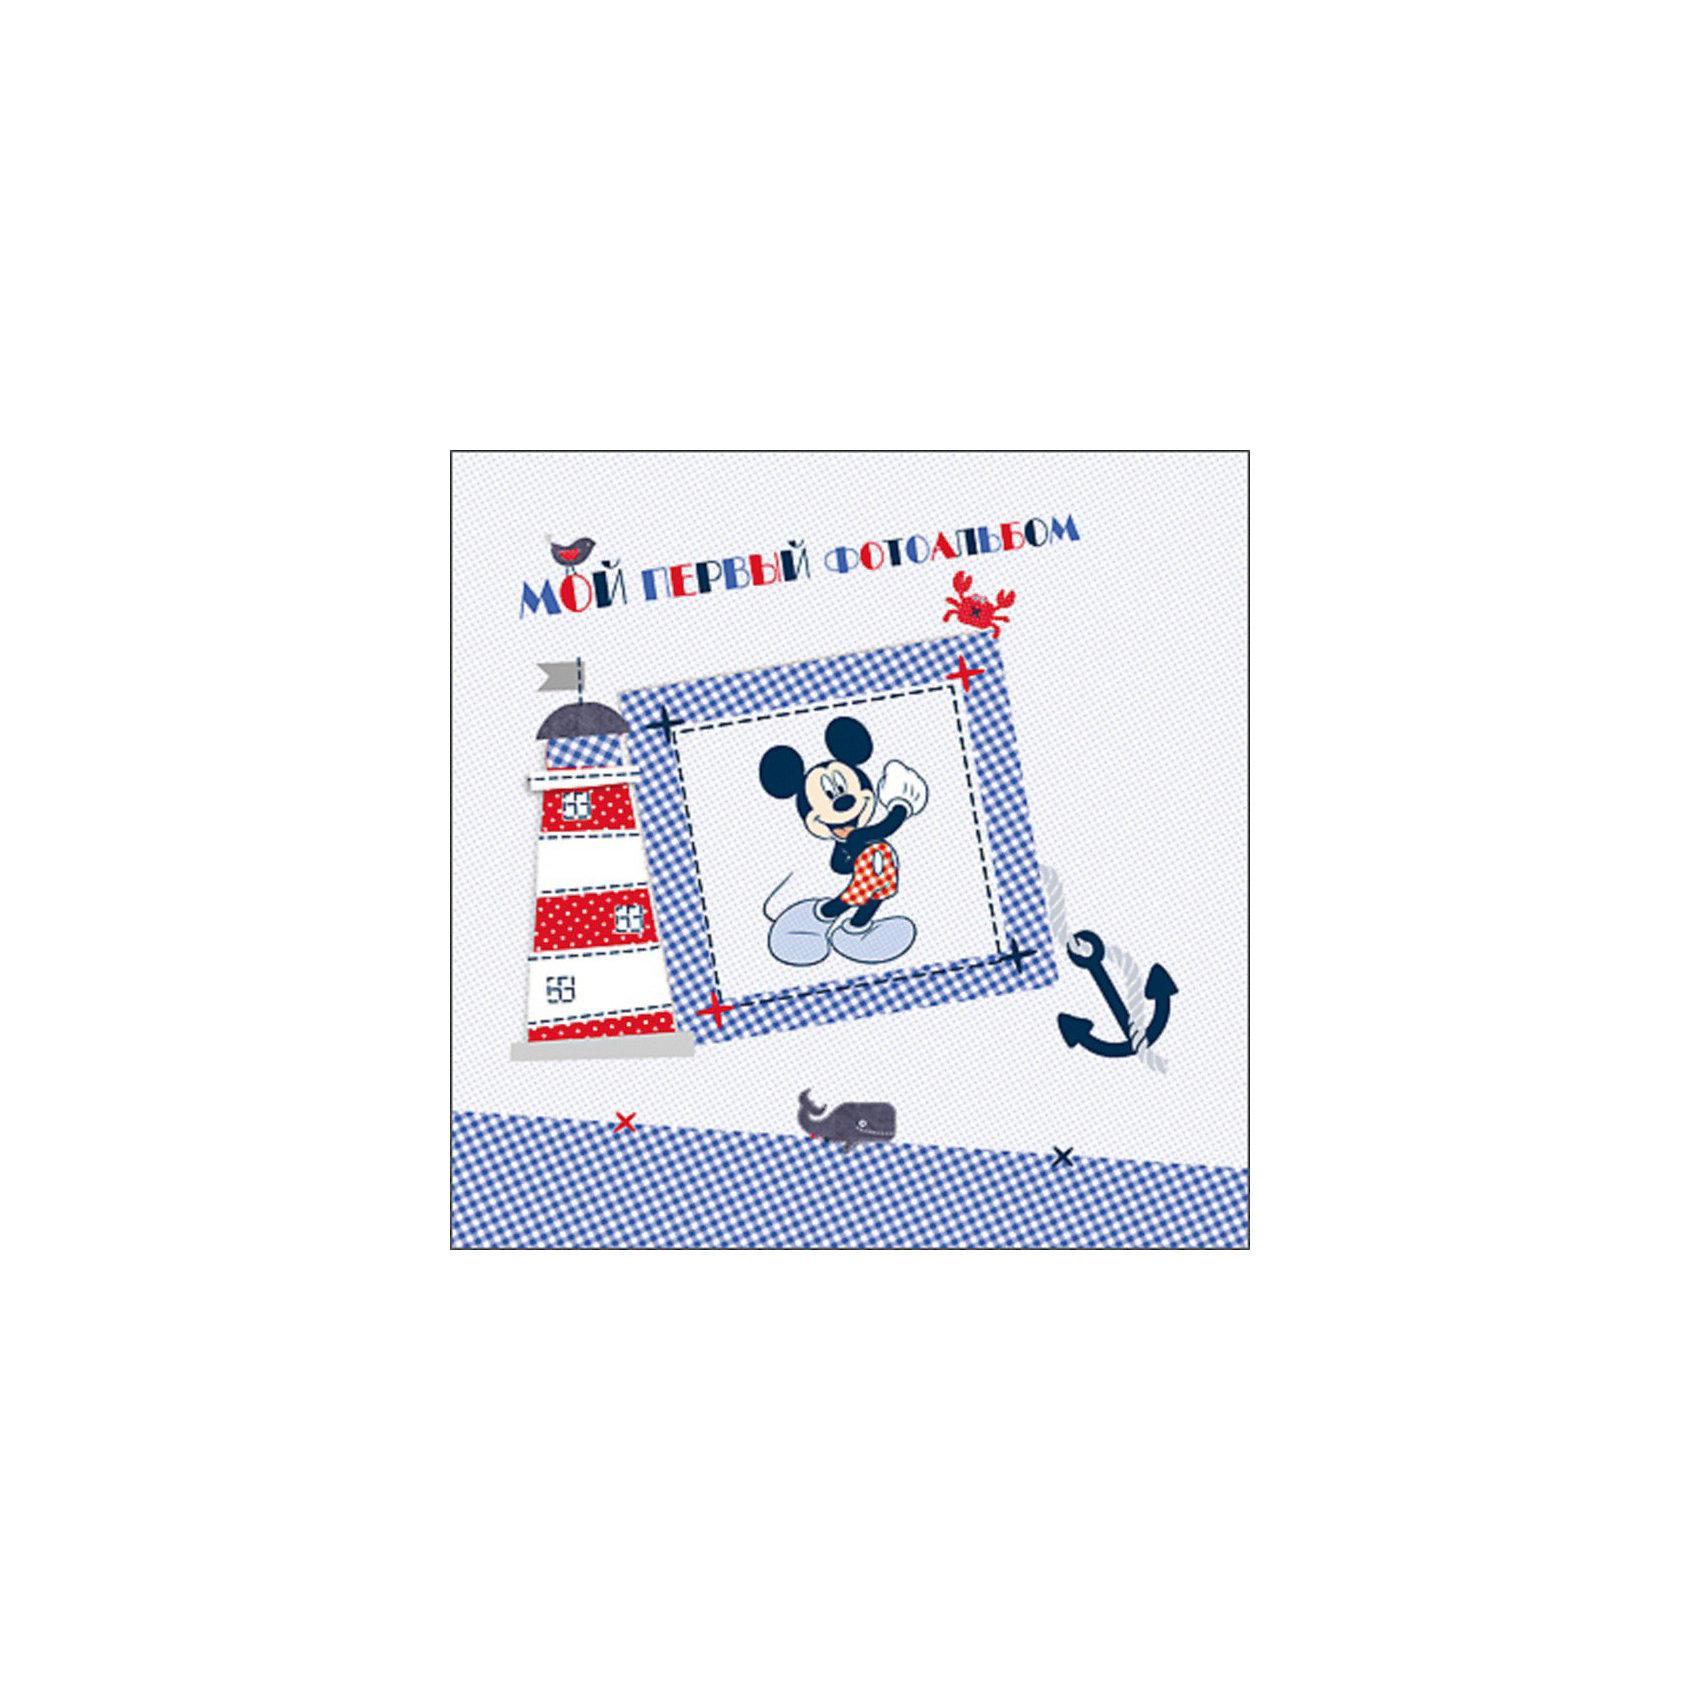 Мой первый фотоальбом, Микки Маус и его друзьяМой первый фотоальбом, Микки Маус (Mickey Mouse) и его друзья – это красочный альбом для фото с возможностью ведения записей.<br>Альбом для фото и записей - замечательный подарок, который поможет сохранить самые важные прекрасные воспоминания о детстве малыша. В нем найдется место для памятных фотографий, заметок и смешных историй. А трогательные иллюстрации с любимыми персонажами диснеевского мультфильма станут отличным дополнением к записям и фотографиям.<br><br>Дополнительная информация:<br><br>- Глянцевая ламинация обложки<br>- Подарочный формат<br>- Обложка с вырубкой в форме окошка<br>- Переплет: твердый<br>- Количество страниц: 36<br>- Размер: 265х6х265 мм.<br><br>Мой первый фотоальбом, Микки Маус и его друзья можно купить в нашем интернет-магазине.<br><br>Ширина мм: 265<br>Глубина мм: 6<br>Высота мм: 265<br>Вес г: 400<br>Возраст от месяцев: 0<br>Возраст до месяцев: 36<br>Пол: Унисекс<br>Возраст: Детский<br>SKU: 3893028